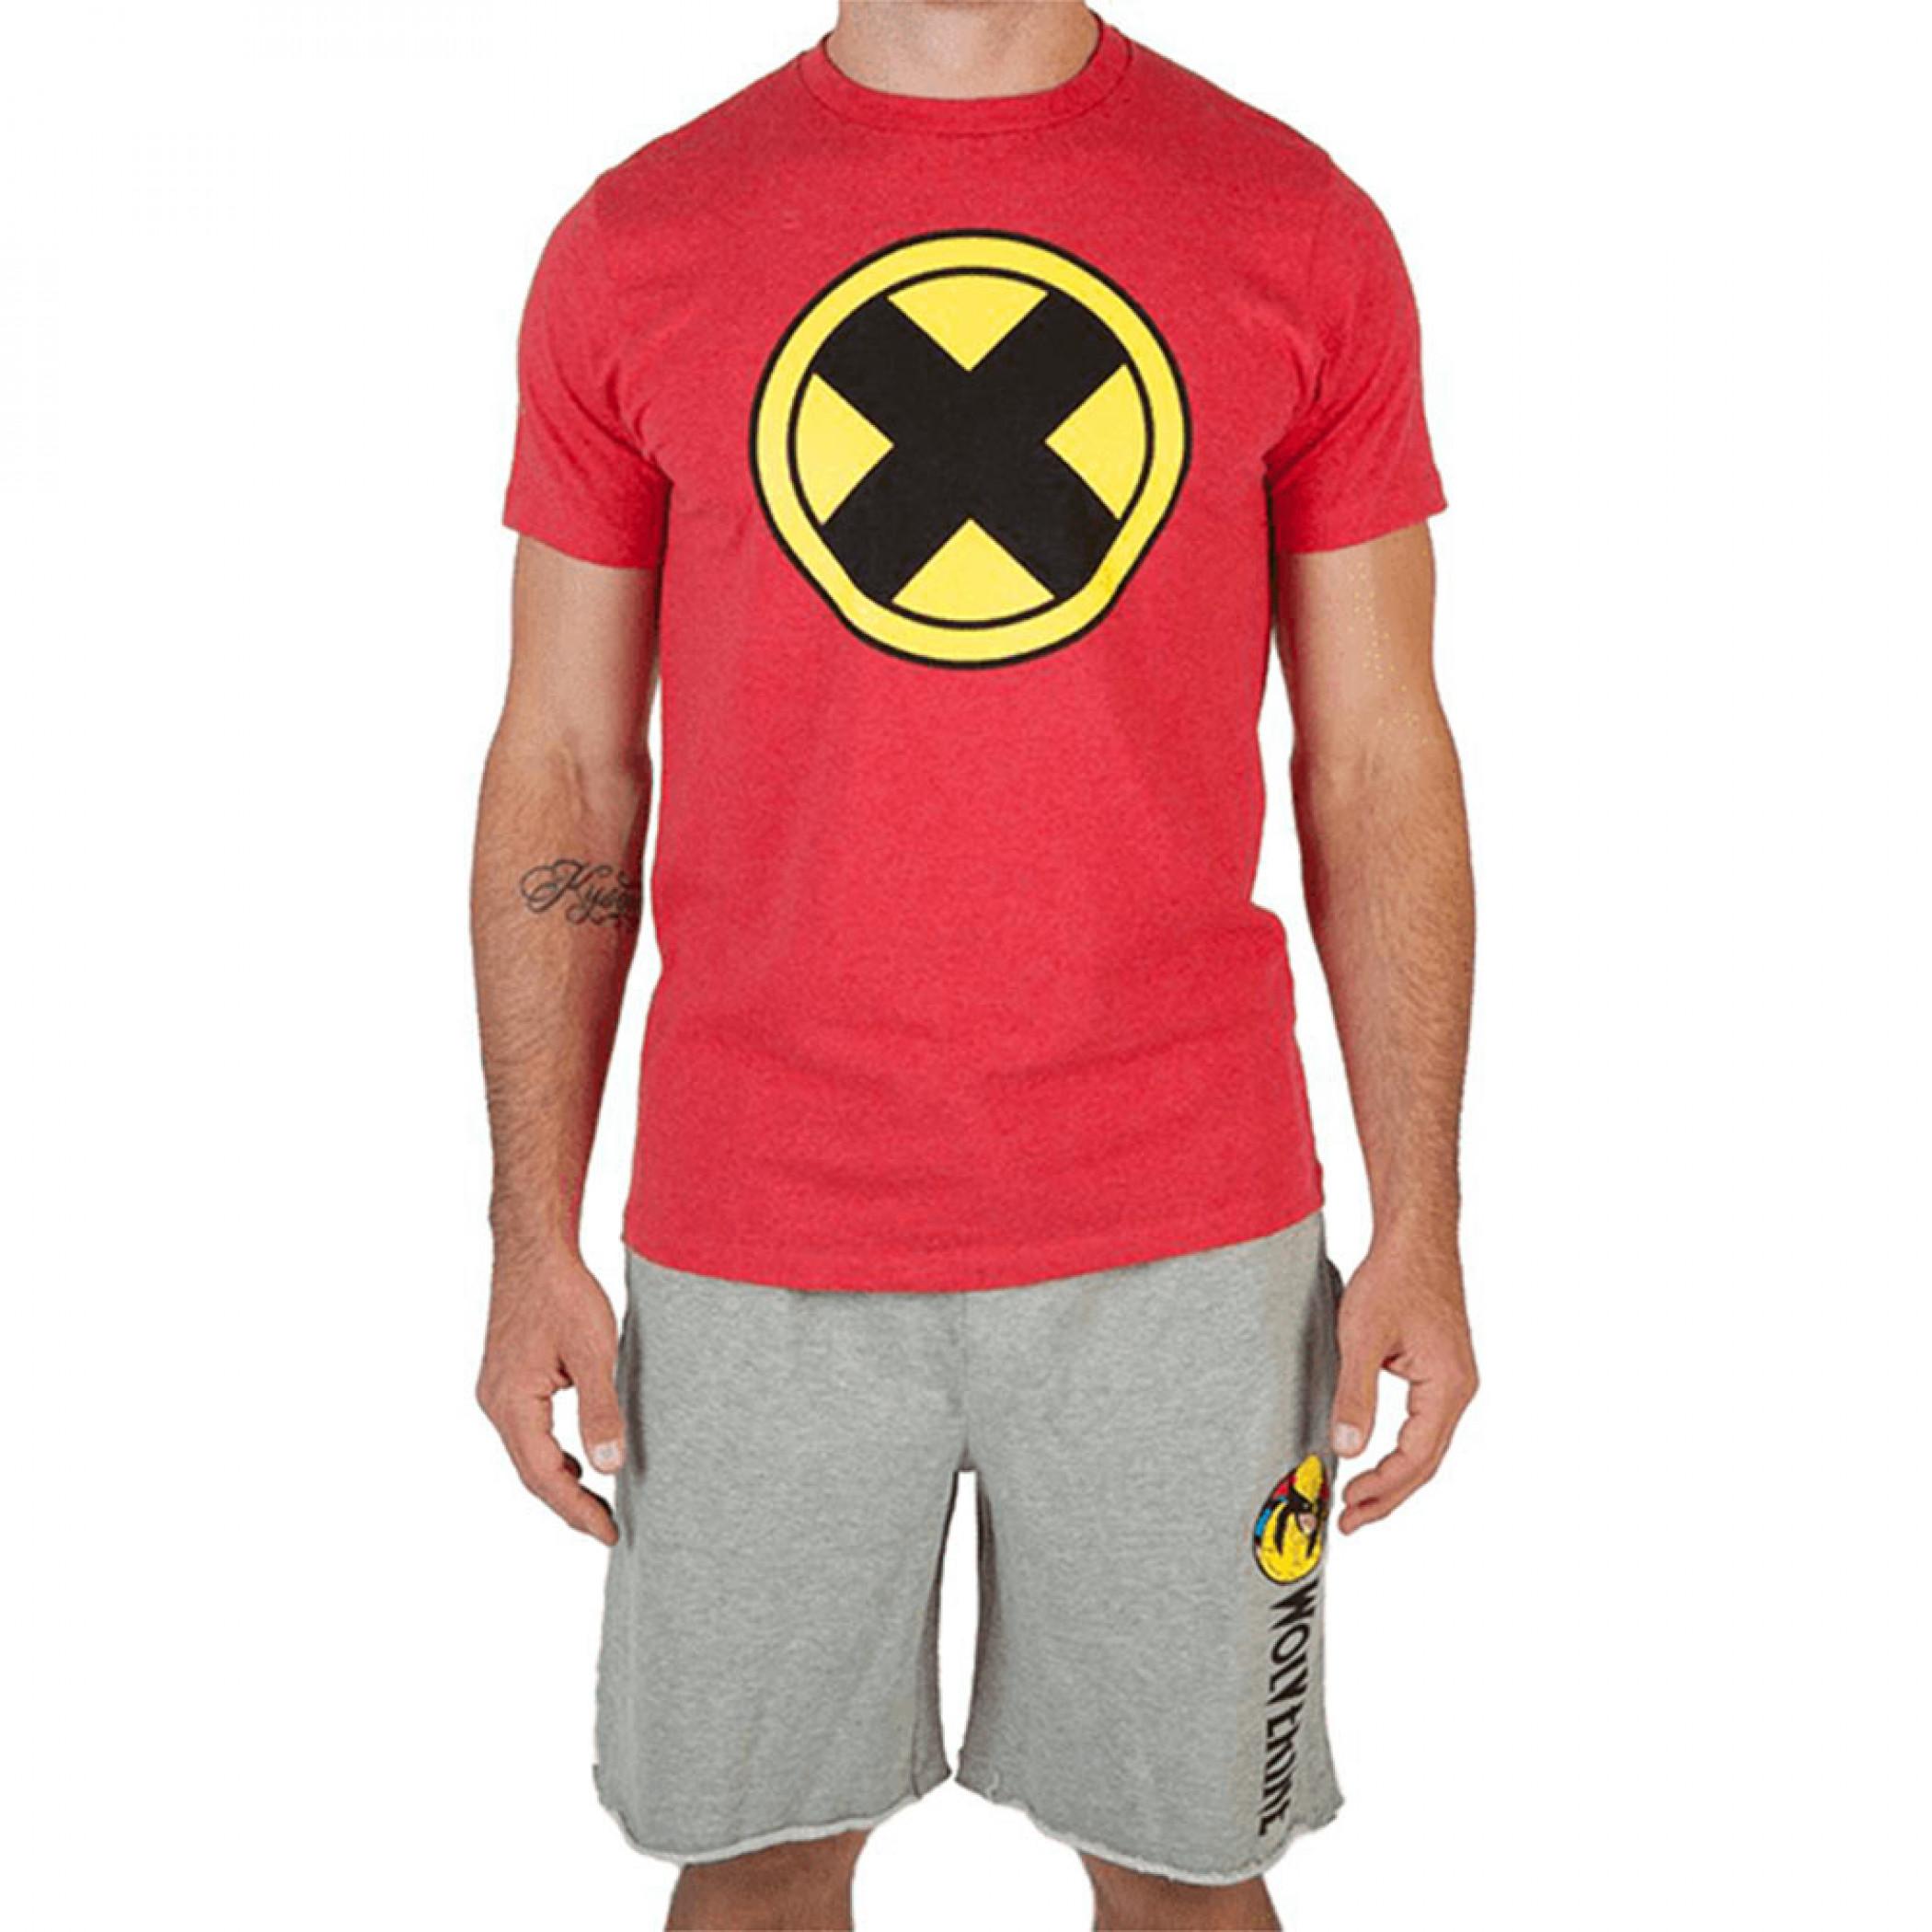 Marvel X-Men Comics T-Shirt and Short Set